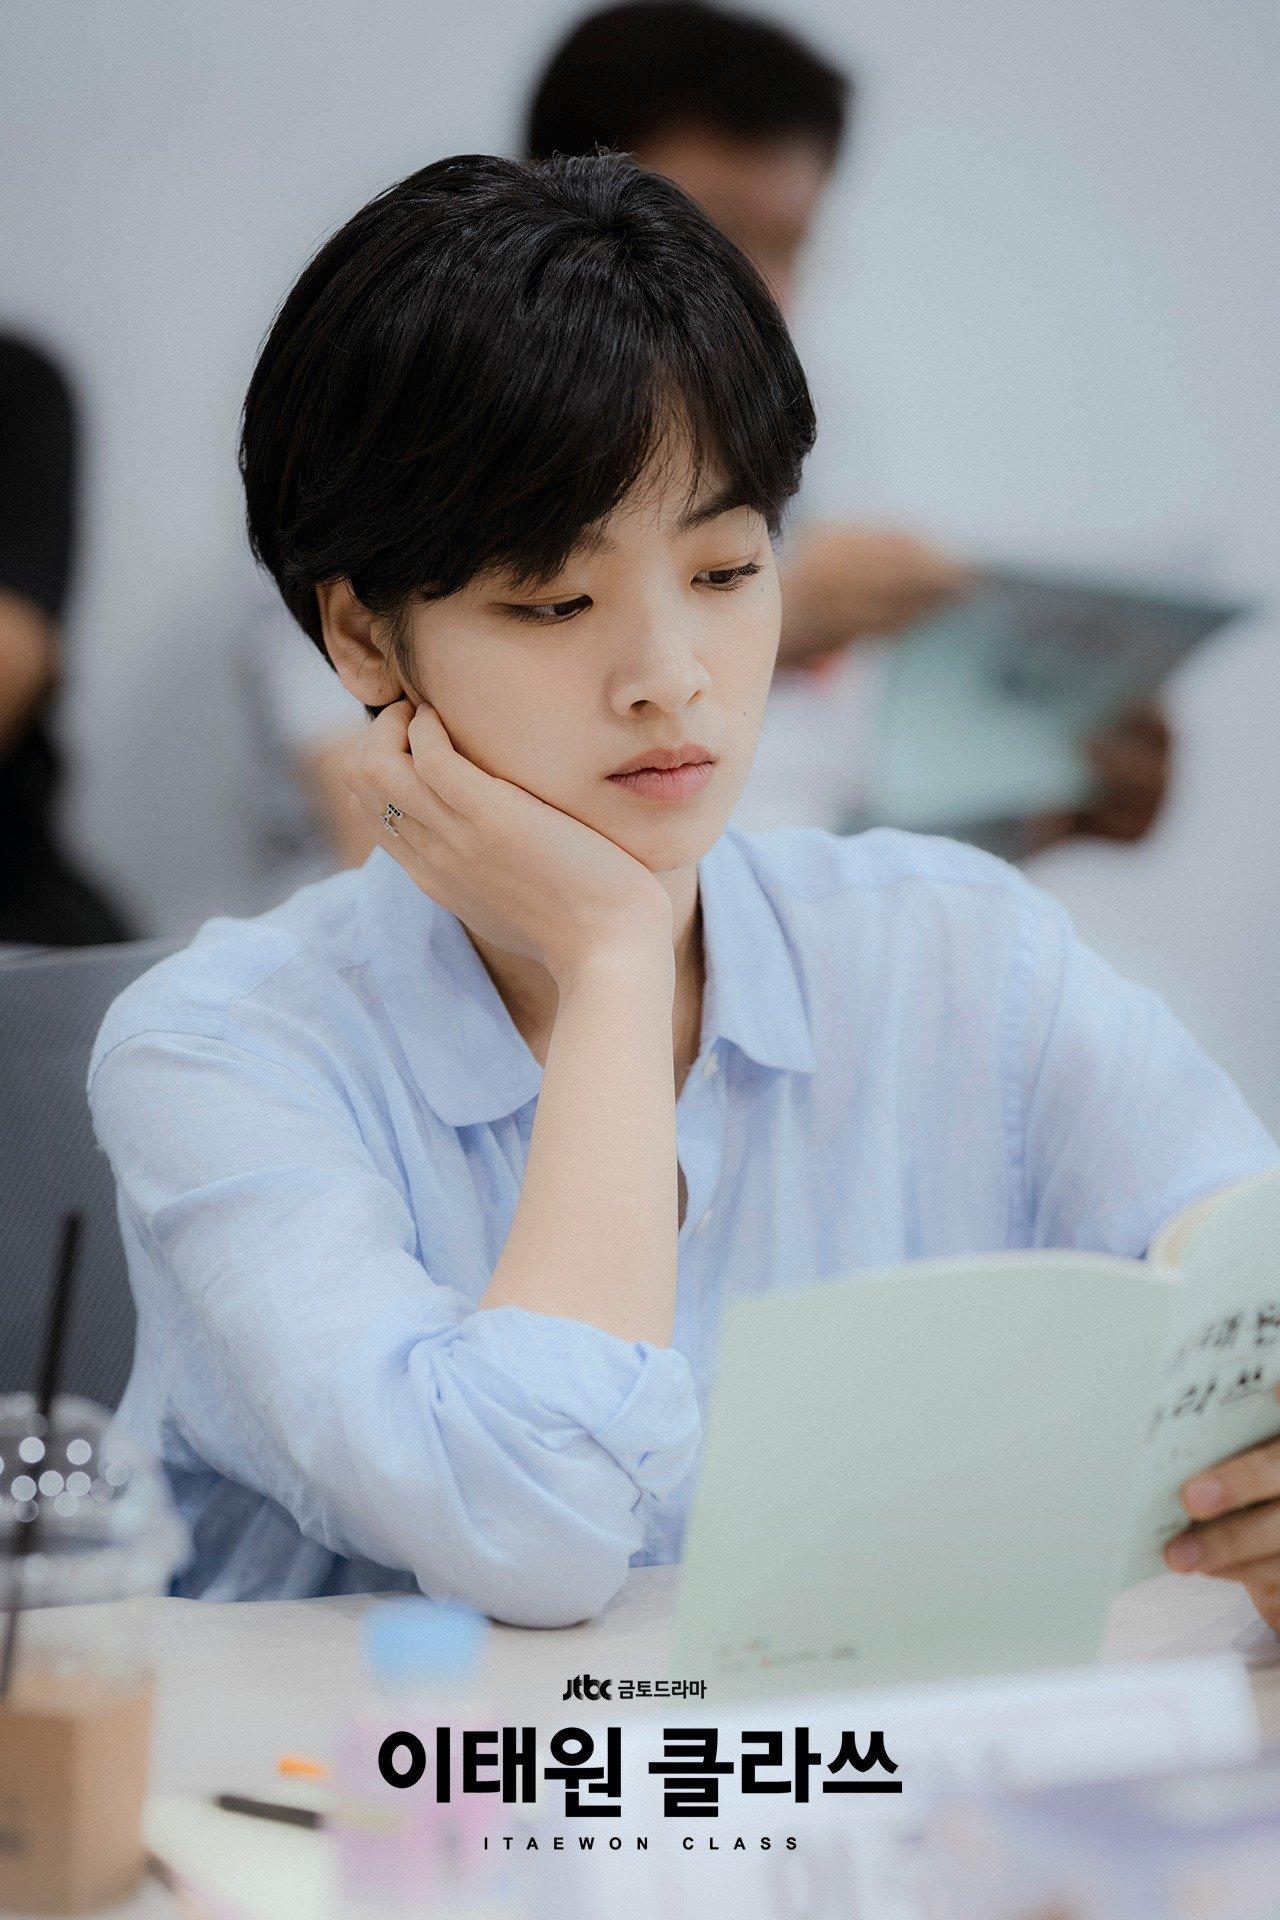 Hè nóng ná thở, muốn xén tóc cho nhẹ đầu thì chị em hãy tham khảo 3 kiểu tóc ngắn được 'sủng' nhất trong phim Hàn 9